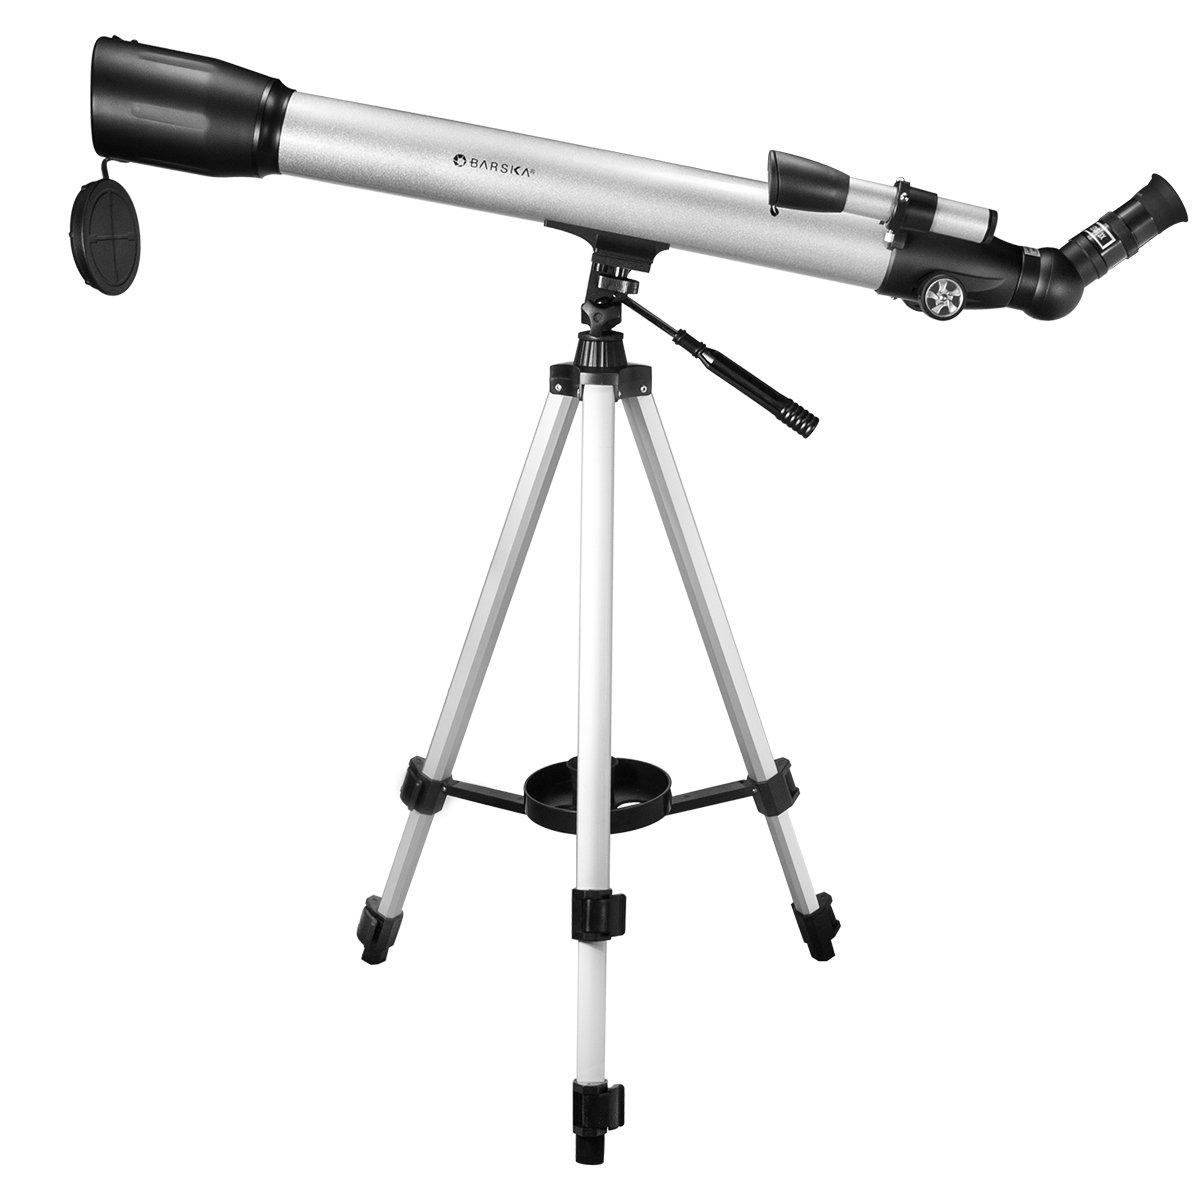 BARSKA 70060 Starwatcher Refractor Telescope by BARSKA